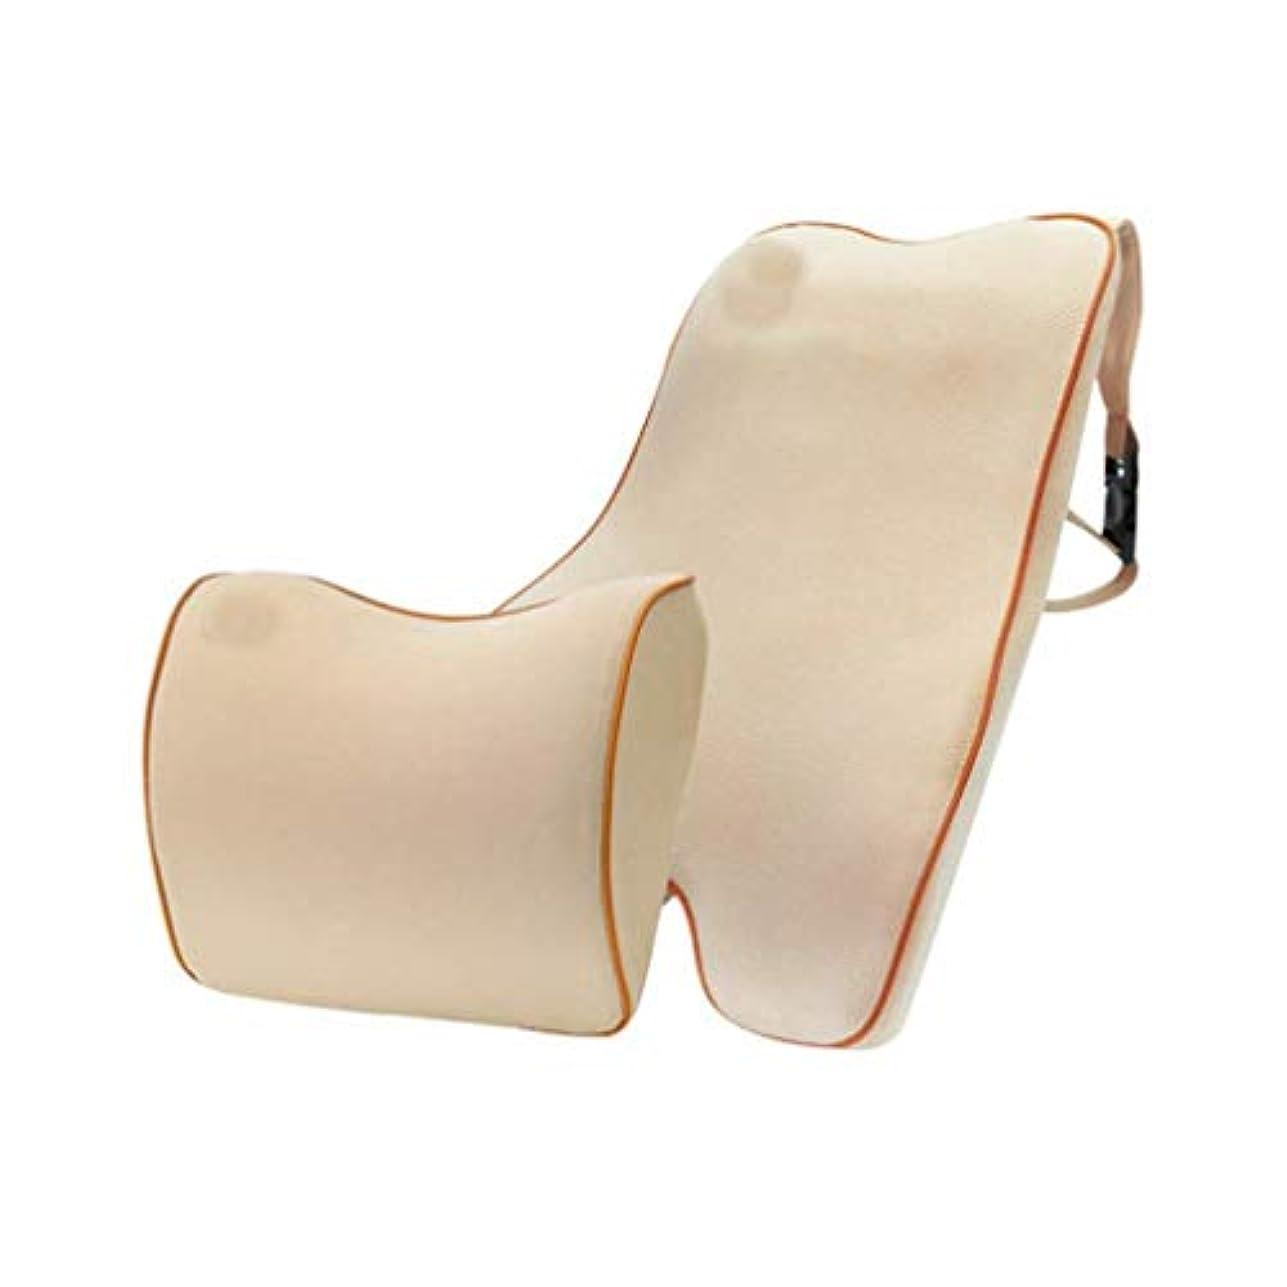 覗く申し立てスペイン腰椎枕、首枕、低反発枕クッション腰椎サポート車のホームオフィスの椅子、人間工学に基づいた整形外科の設計は坐骨神経痛と尾骨の痛みを和らげます